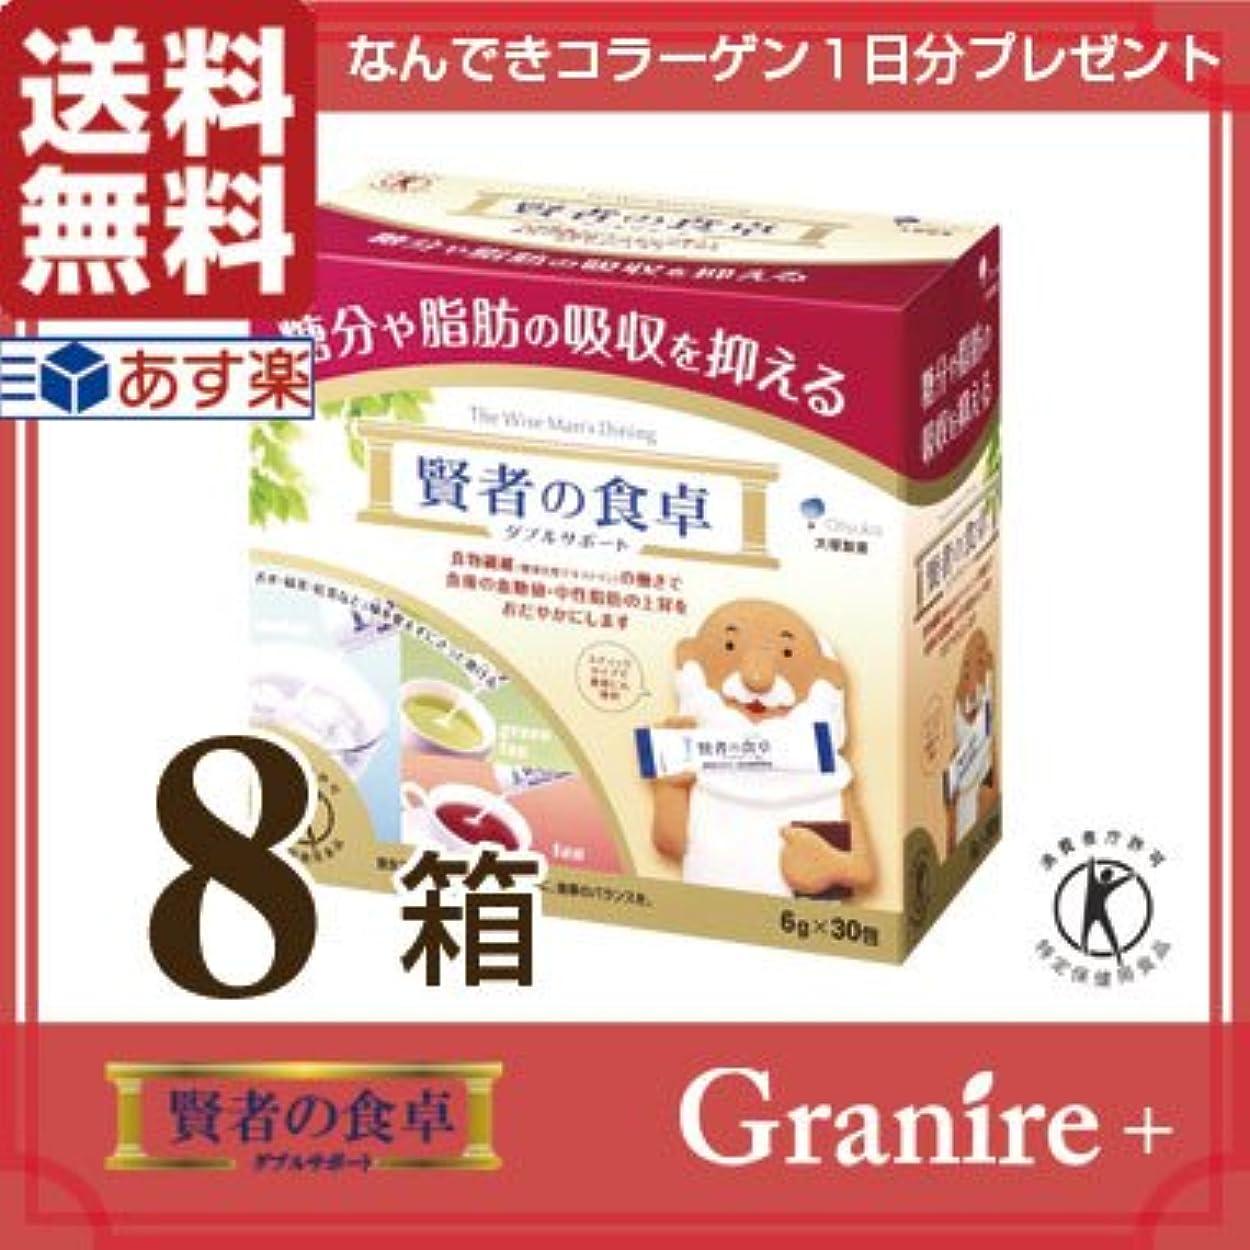 改善寺院特許【まとめ買い】大塚製薬 賢者の食卓 ダブルサポート (6g×30包)×8箱 特定保健用食品